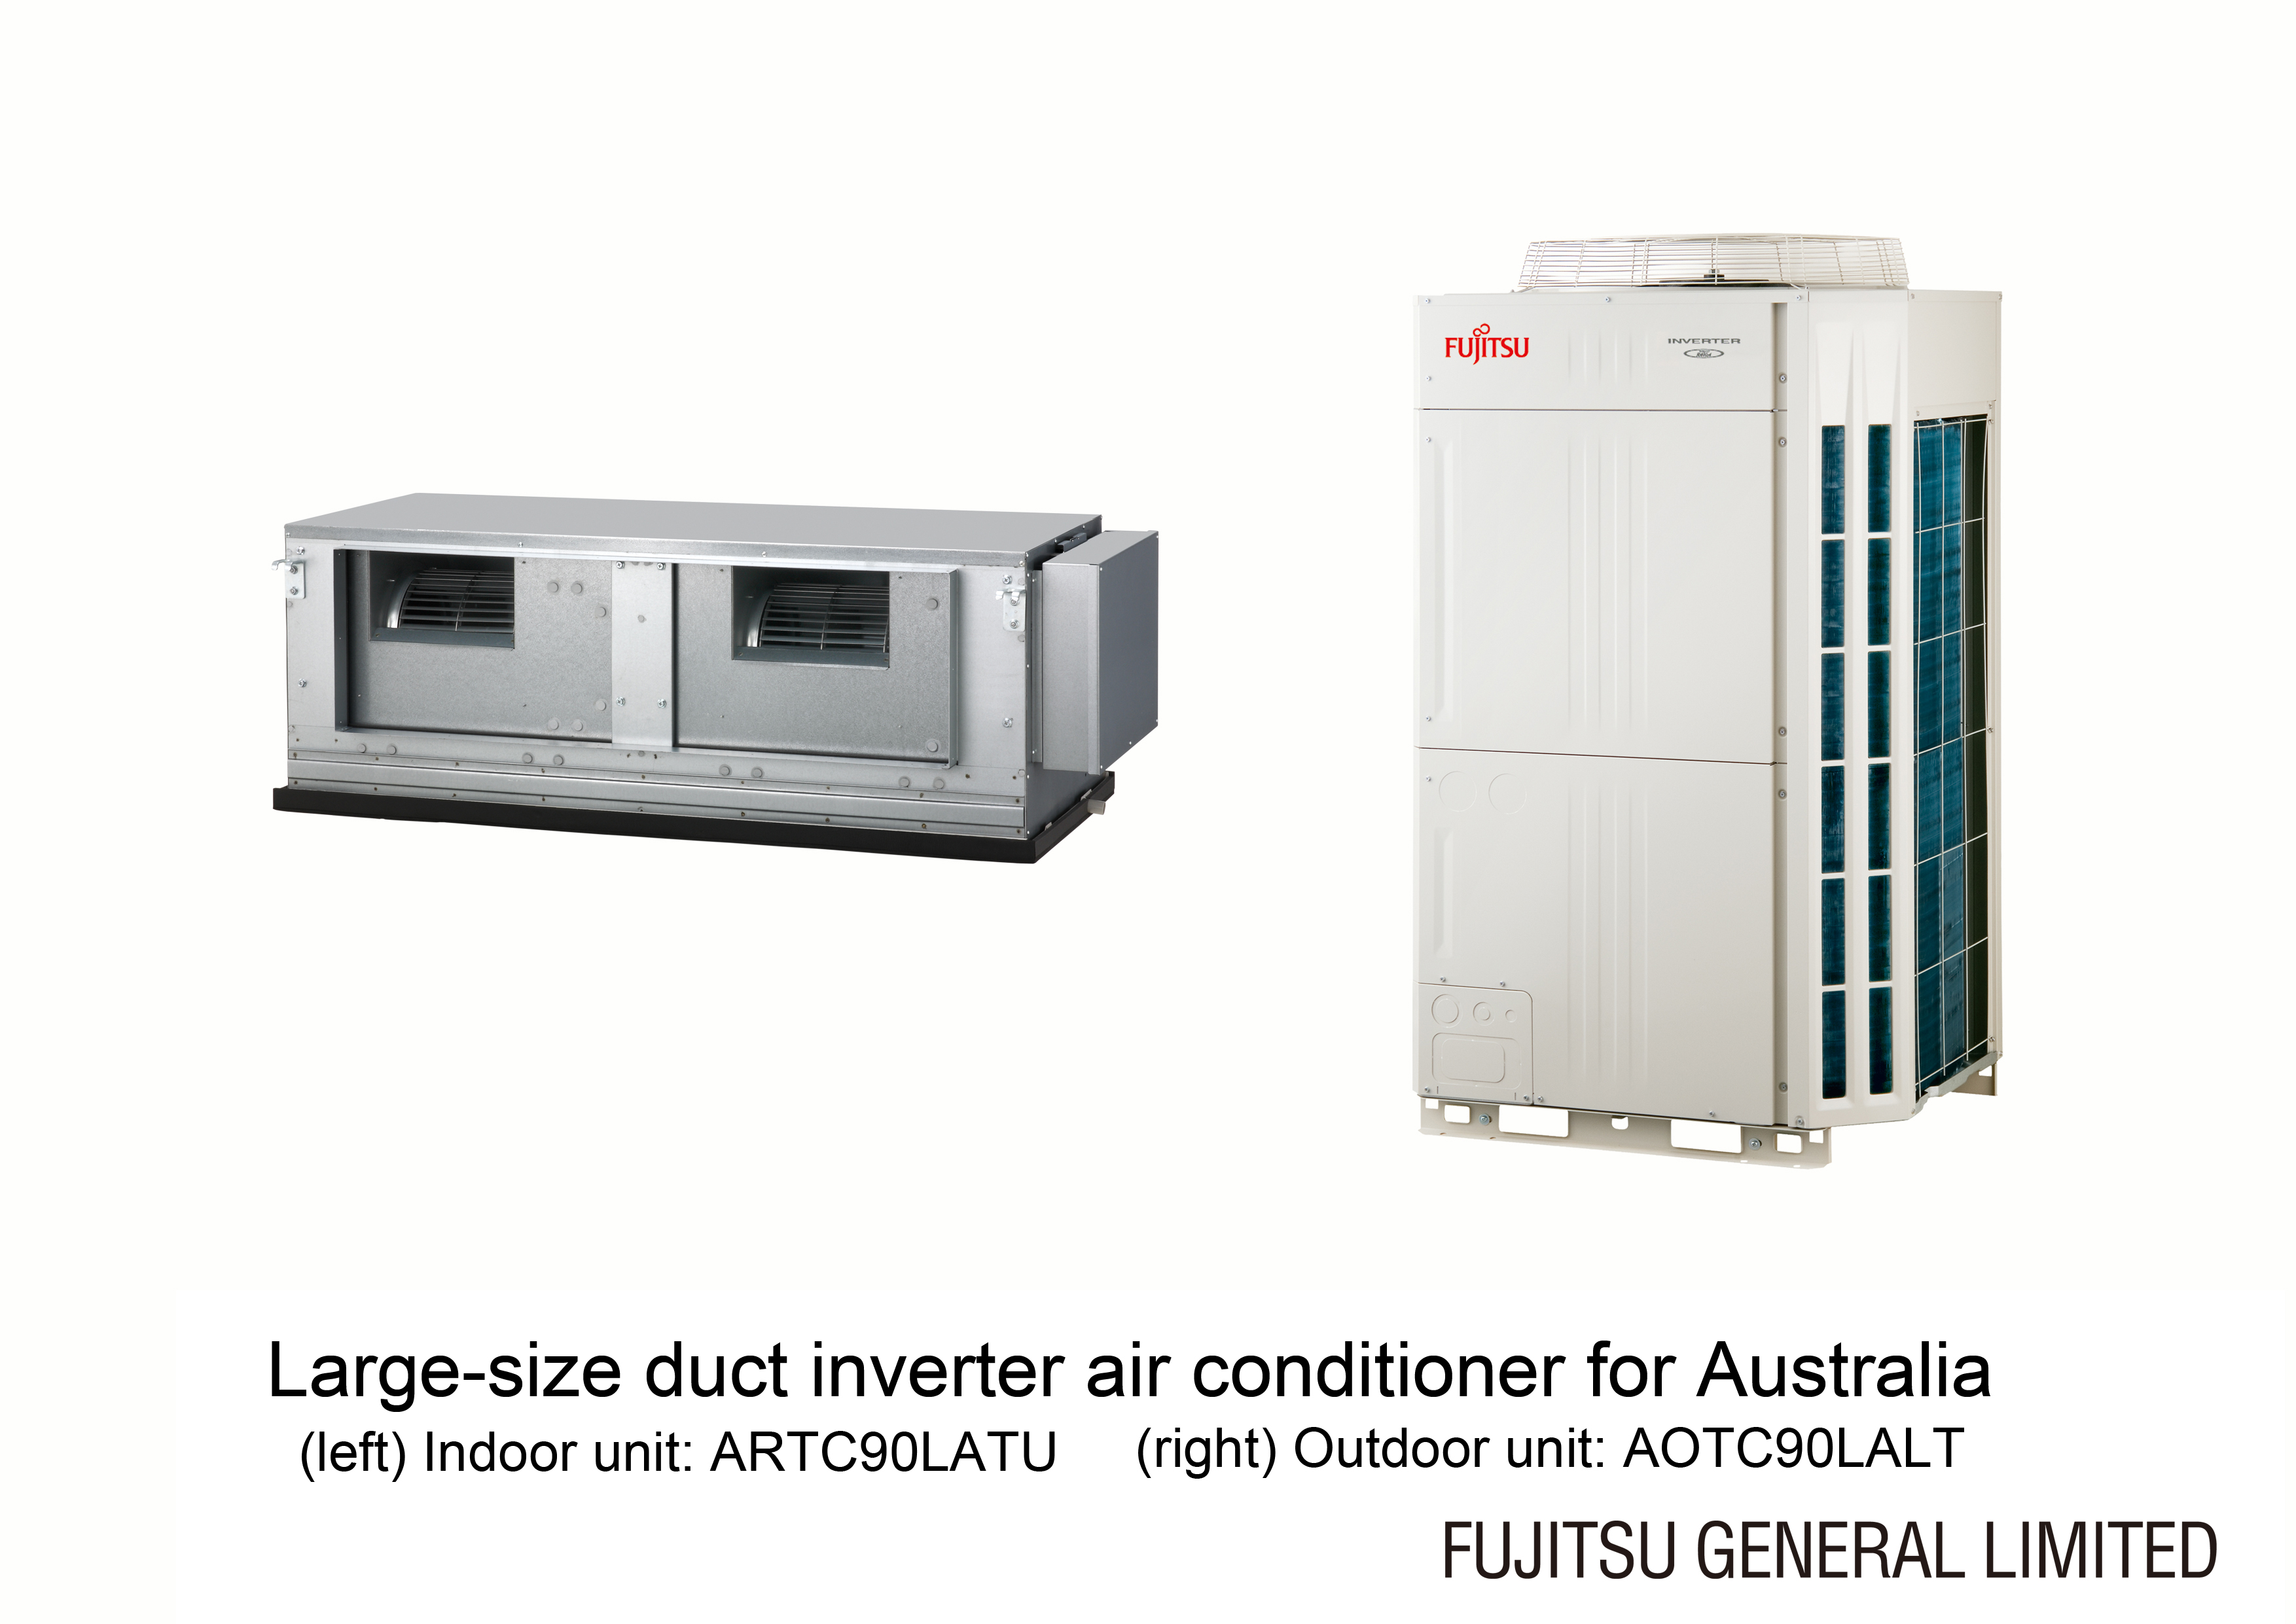 Large-size duct inverter air conditioner for Australia (ARTC90LATU /  AOTC90LALT) ...